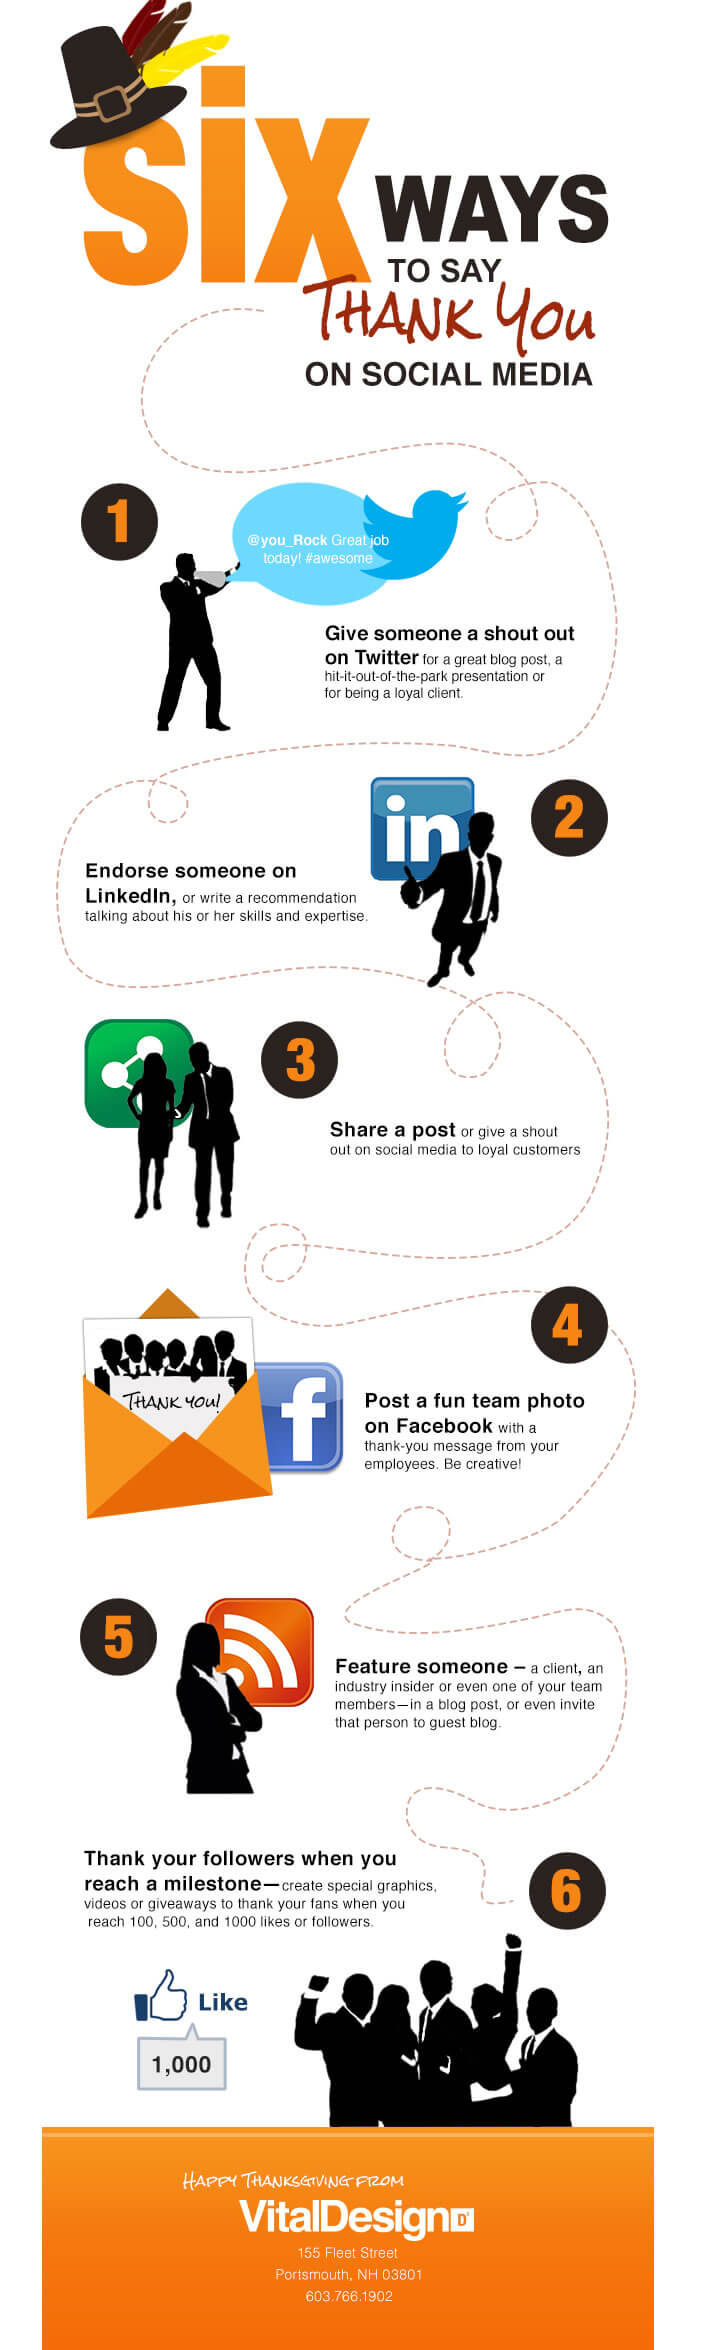 Infographie - 6 façons de remercier les fans sur les réseaux sociaux